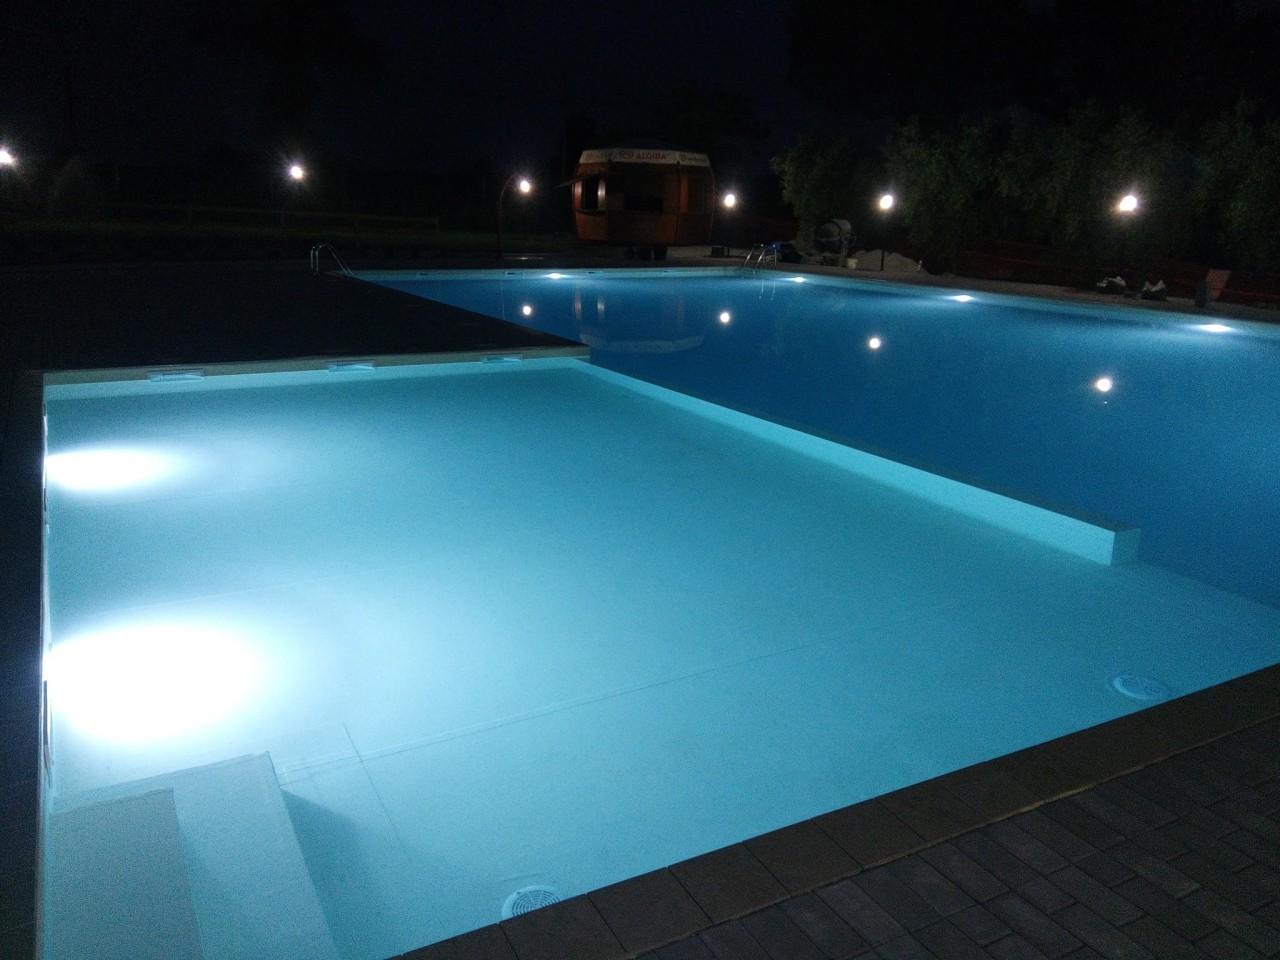 Notte di stelle e disco live in piscina a corridonia - Porno in piscina ...